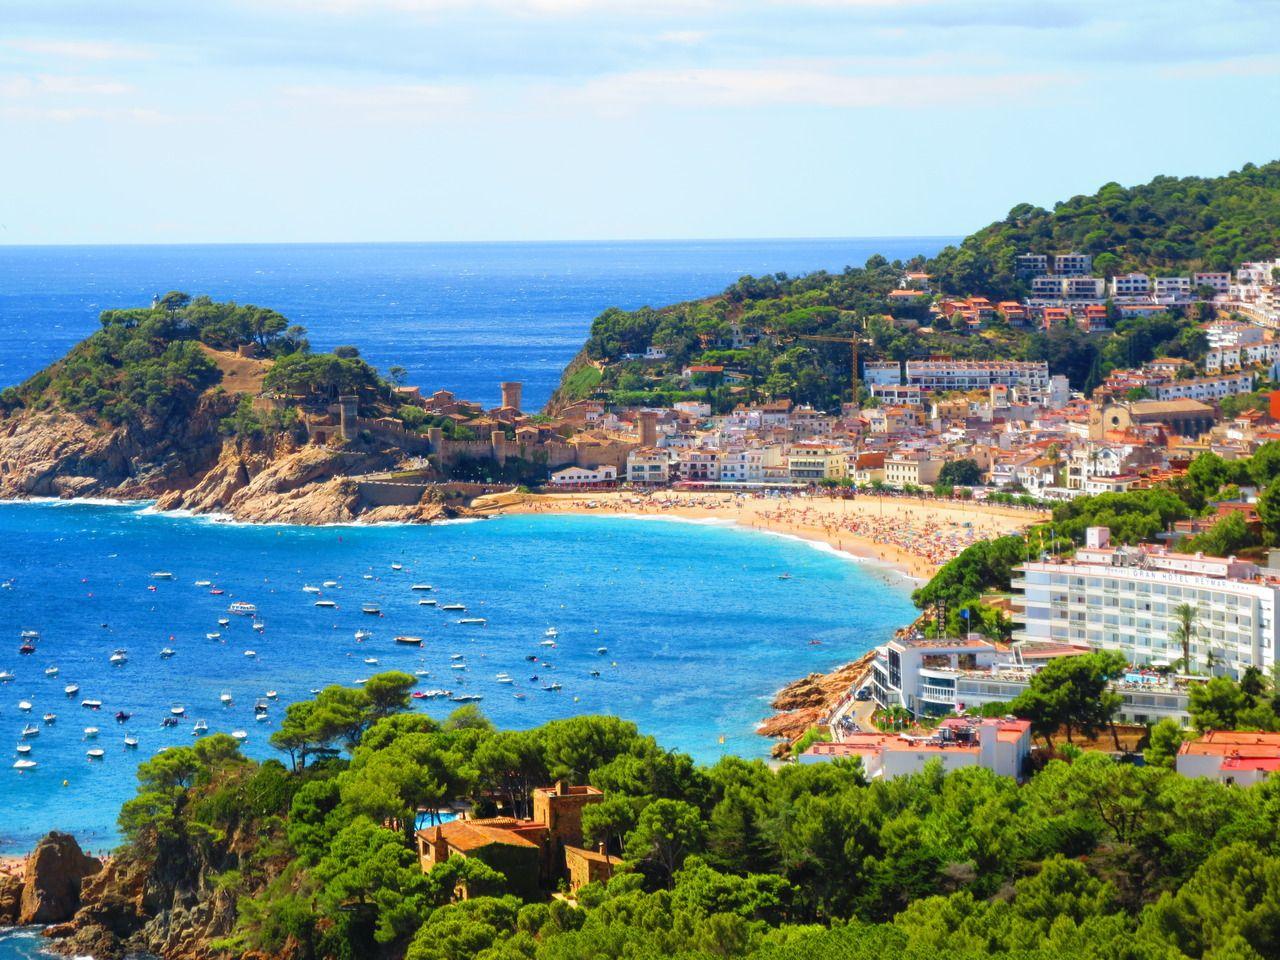 курорты испании на море фото расположение также ничего